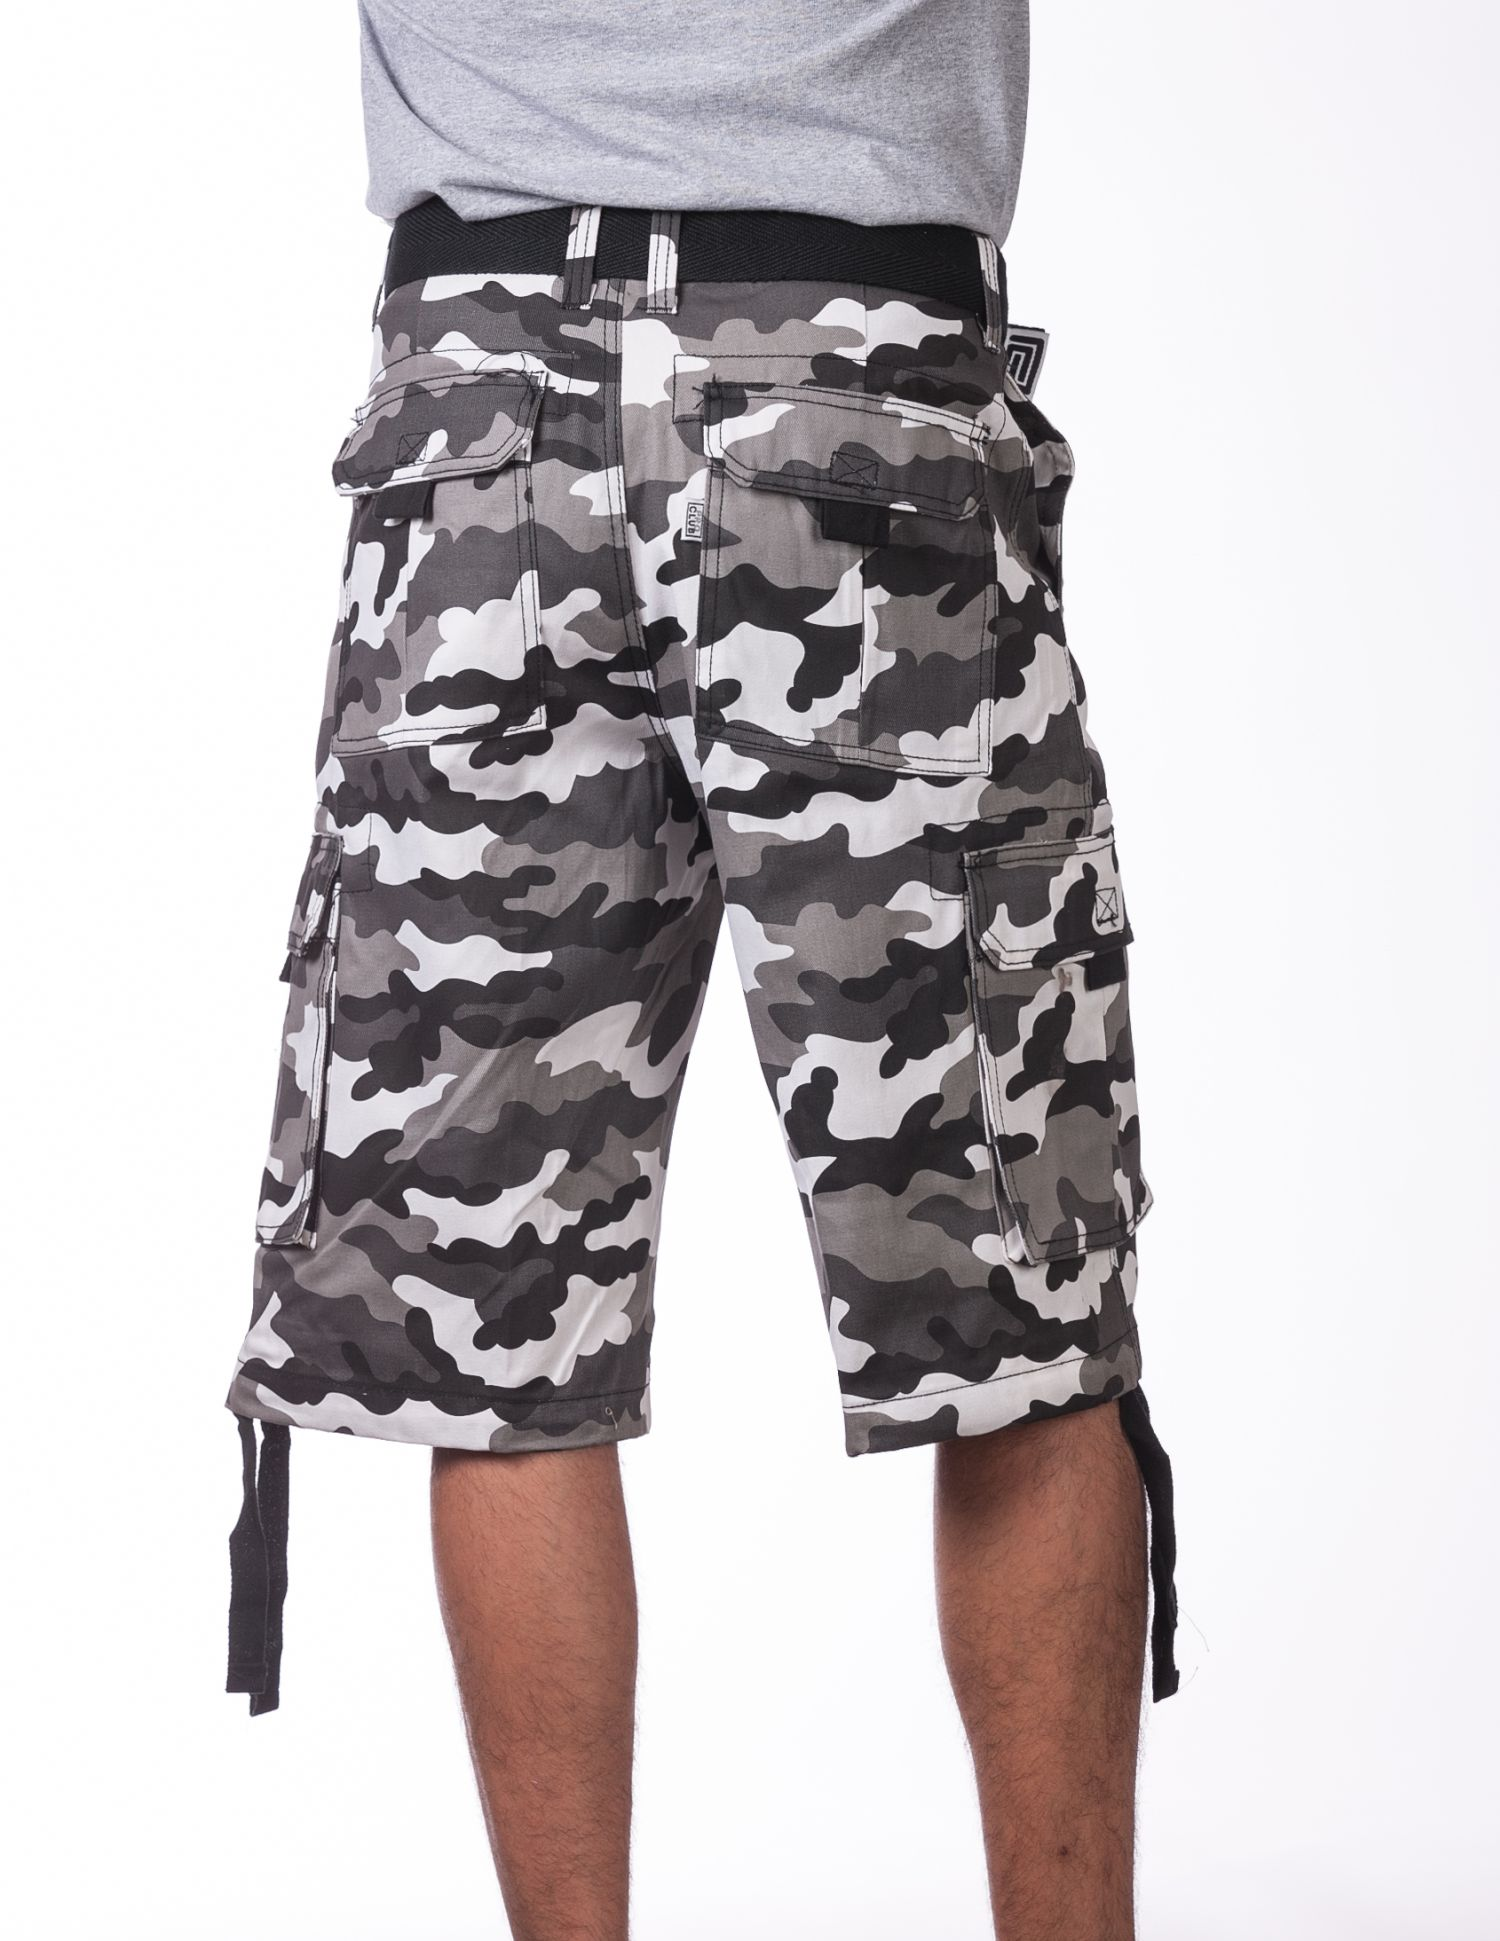 166 City Camo Twill Cargo Shorts Mens